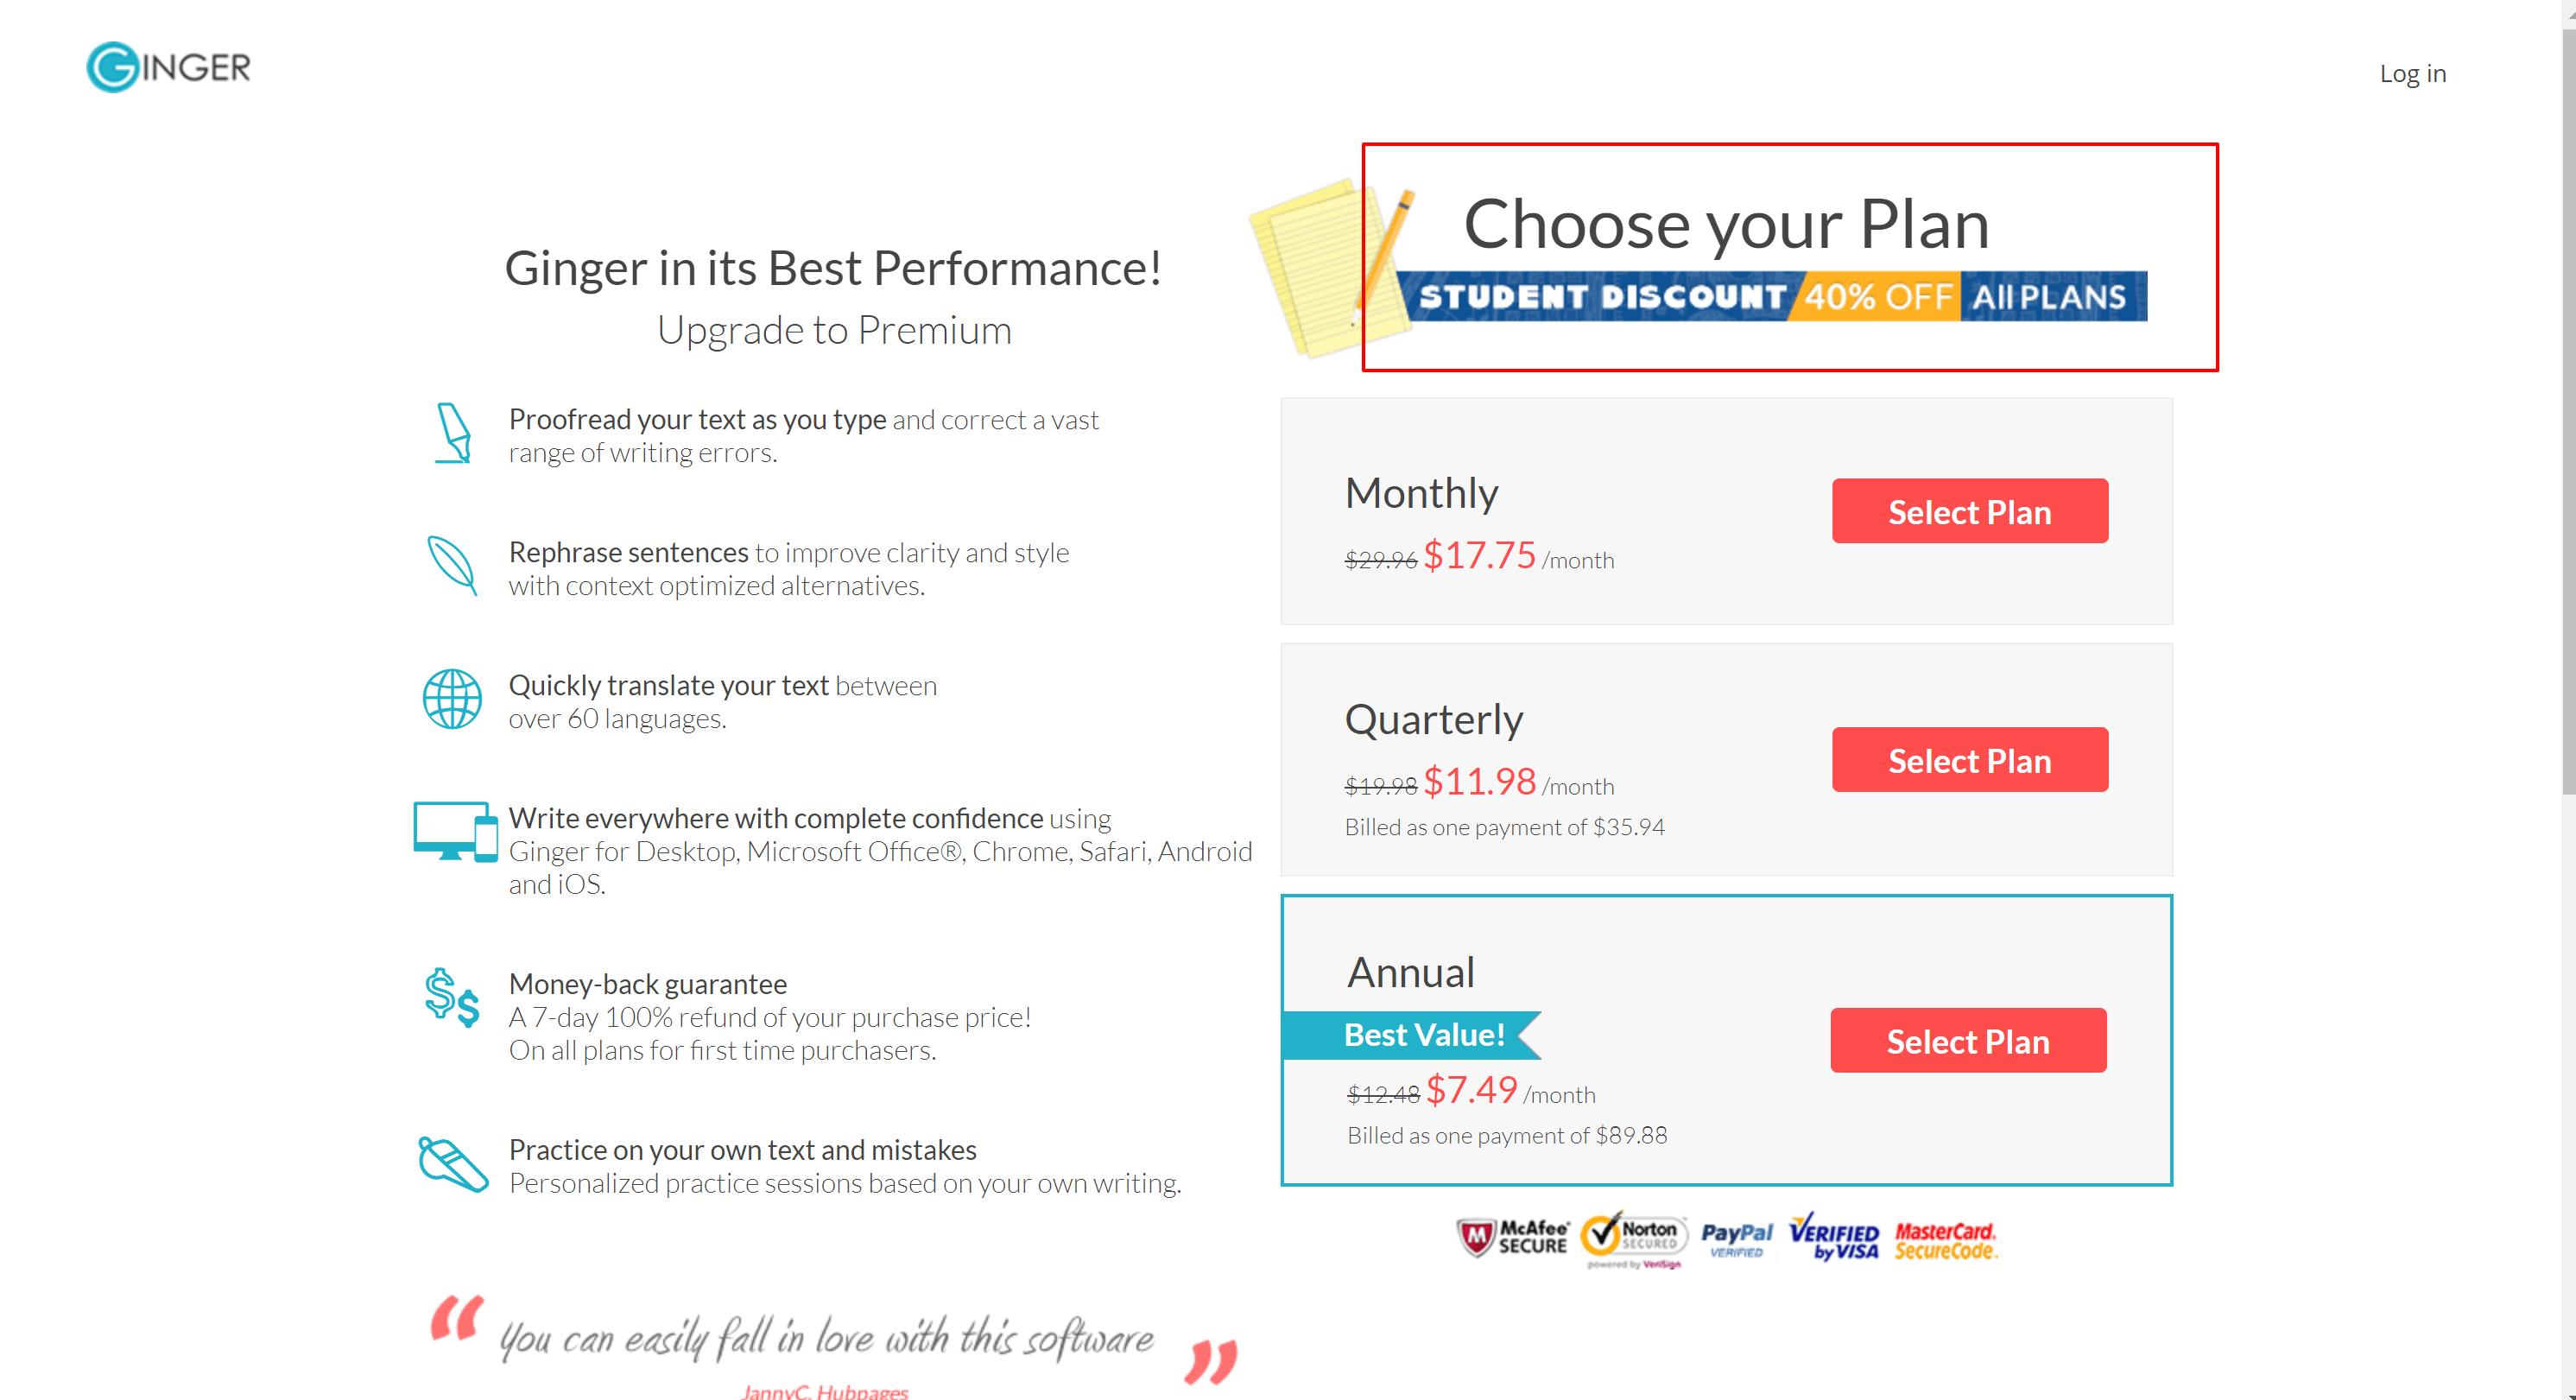 Ginger Premium Plan pricess